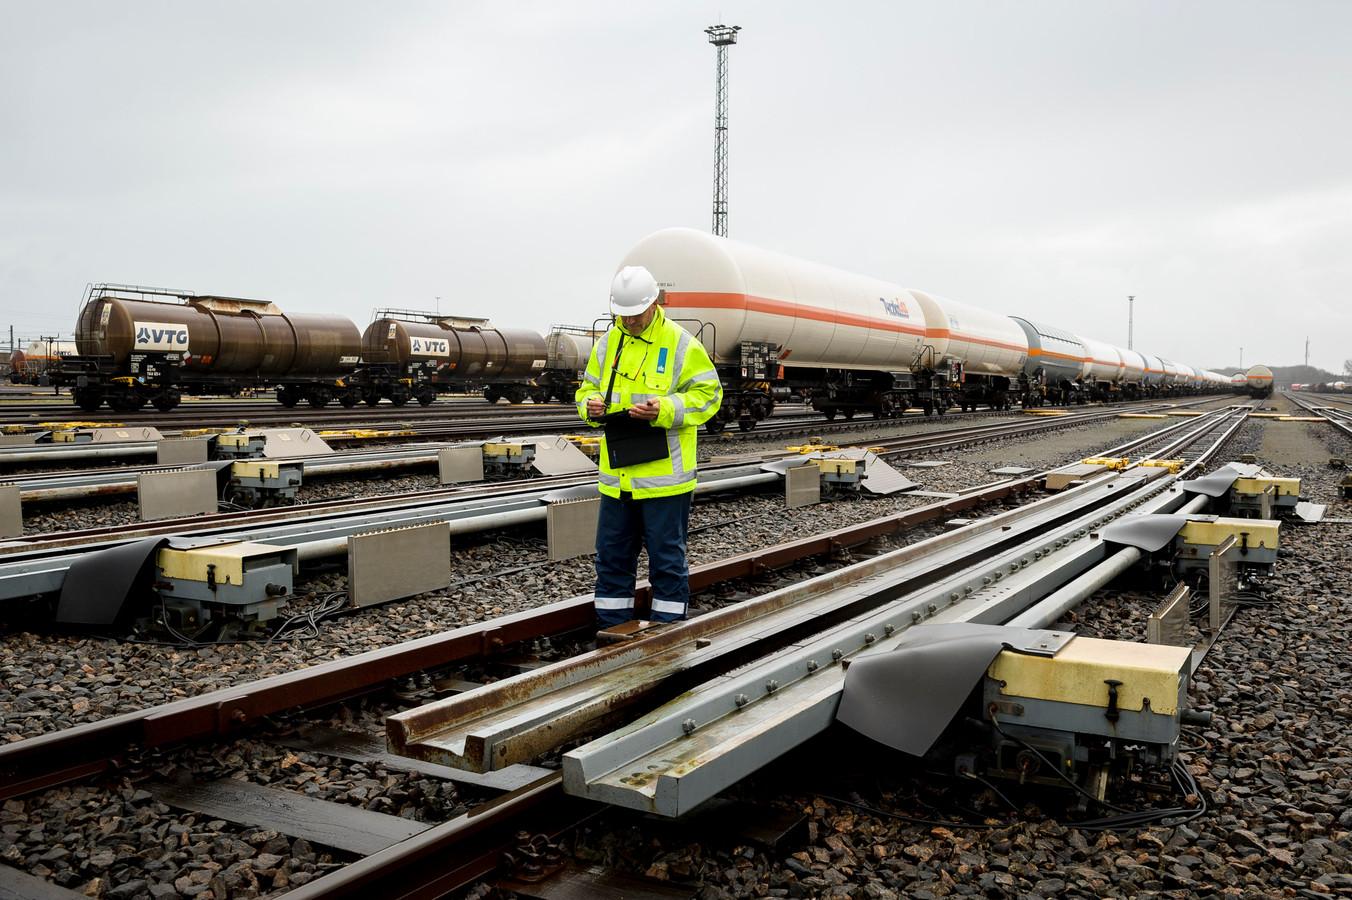 Een inspecteur van de Inspectie Leefomgeving en Transport onderzoekt het spoor op rangeerterrein Kijfhoek in Zwijndrecht.